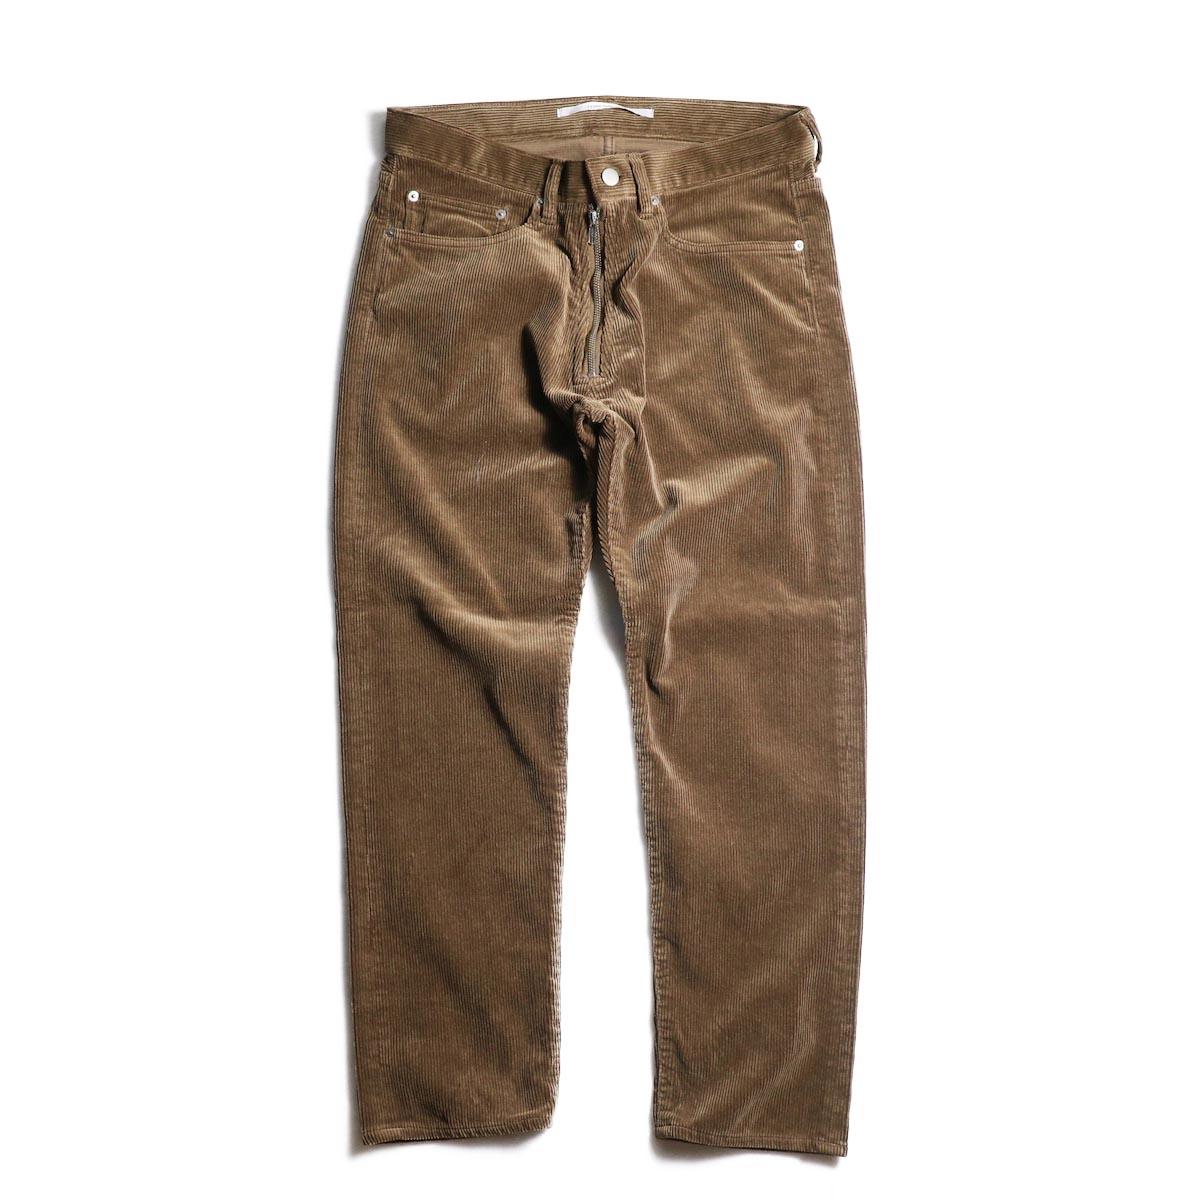 FUTURE PRIMITIVE / FP FZ CORDUROY PANTS (Brown)